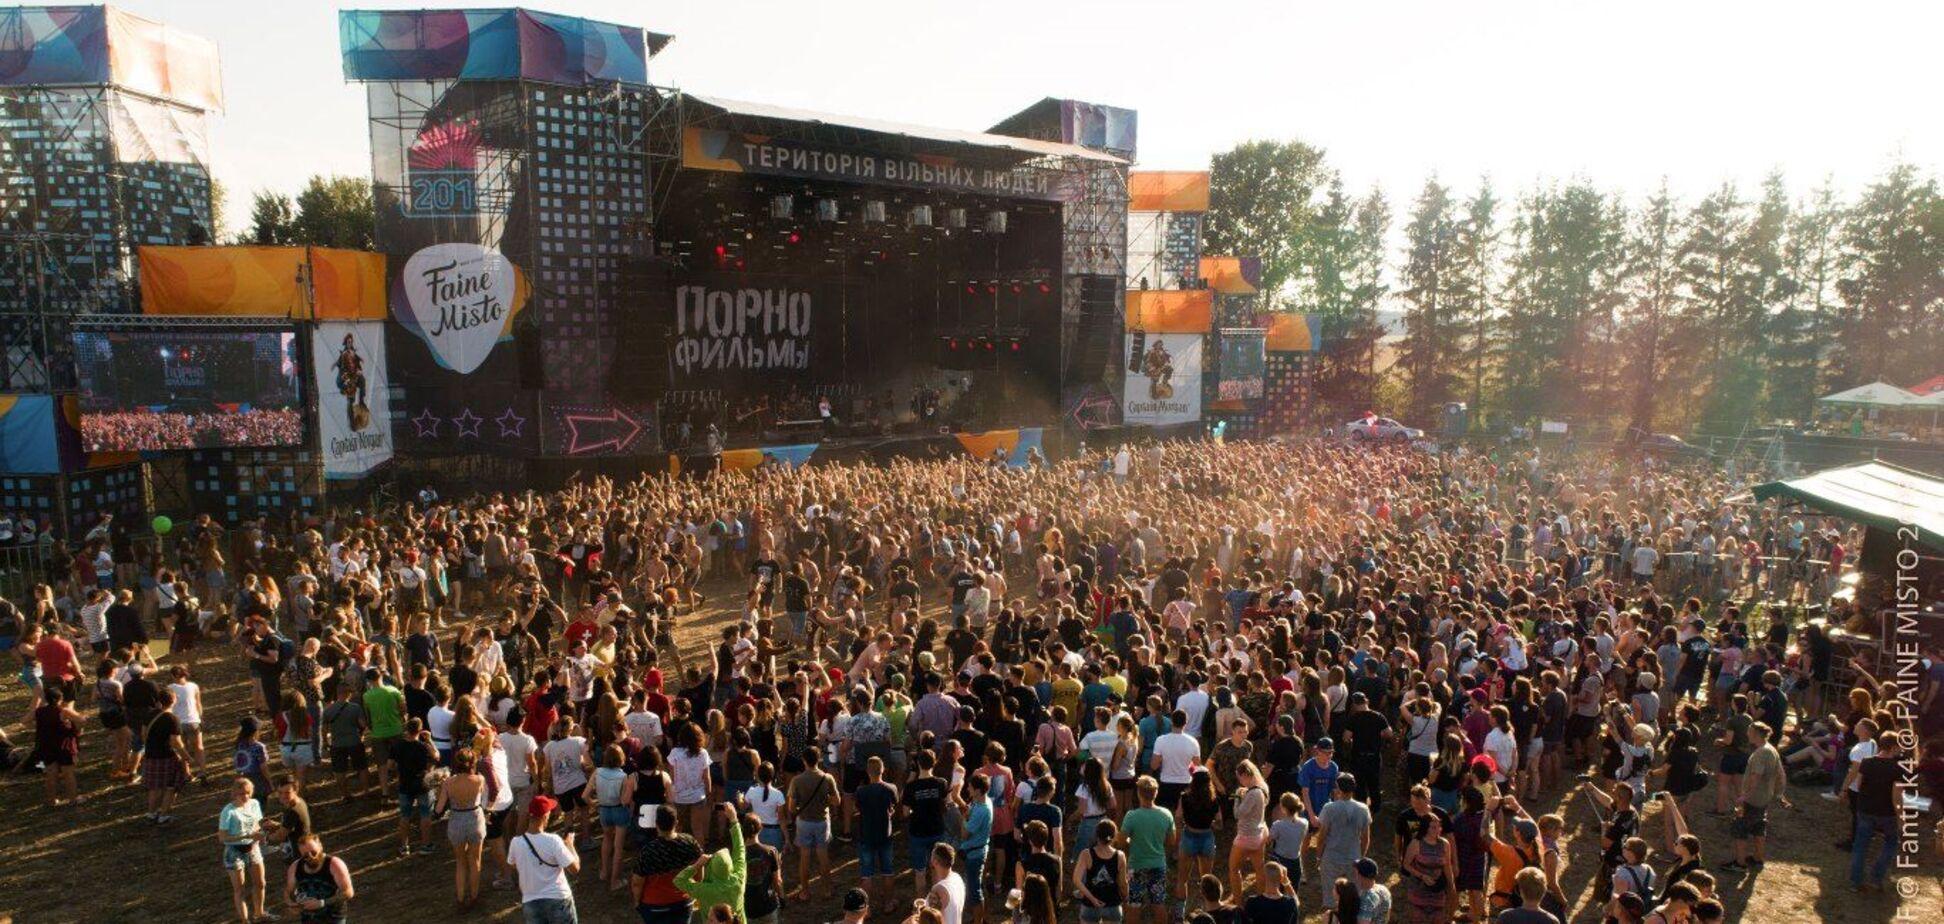 СБУ взялася за російські гурти, запрошені на 'Файне місто'